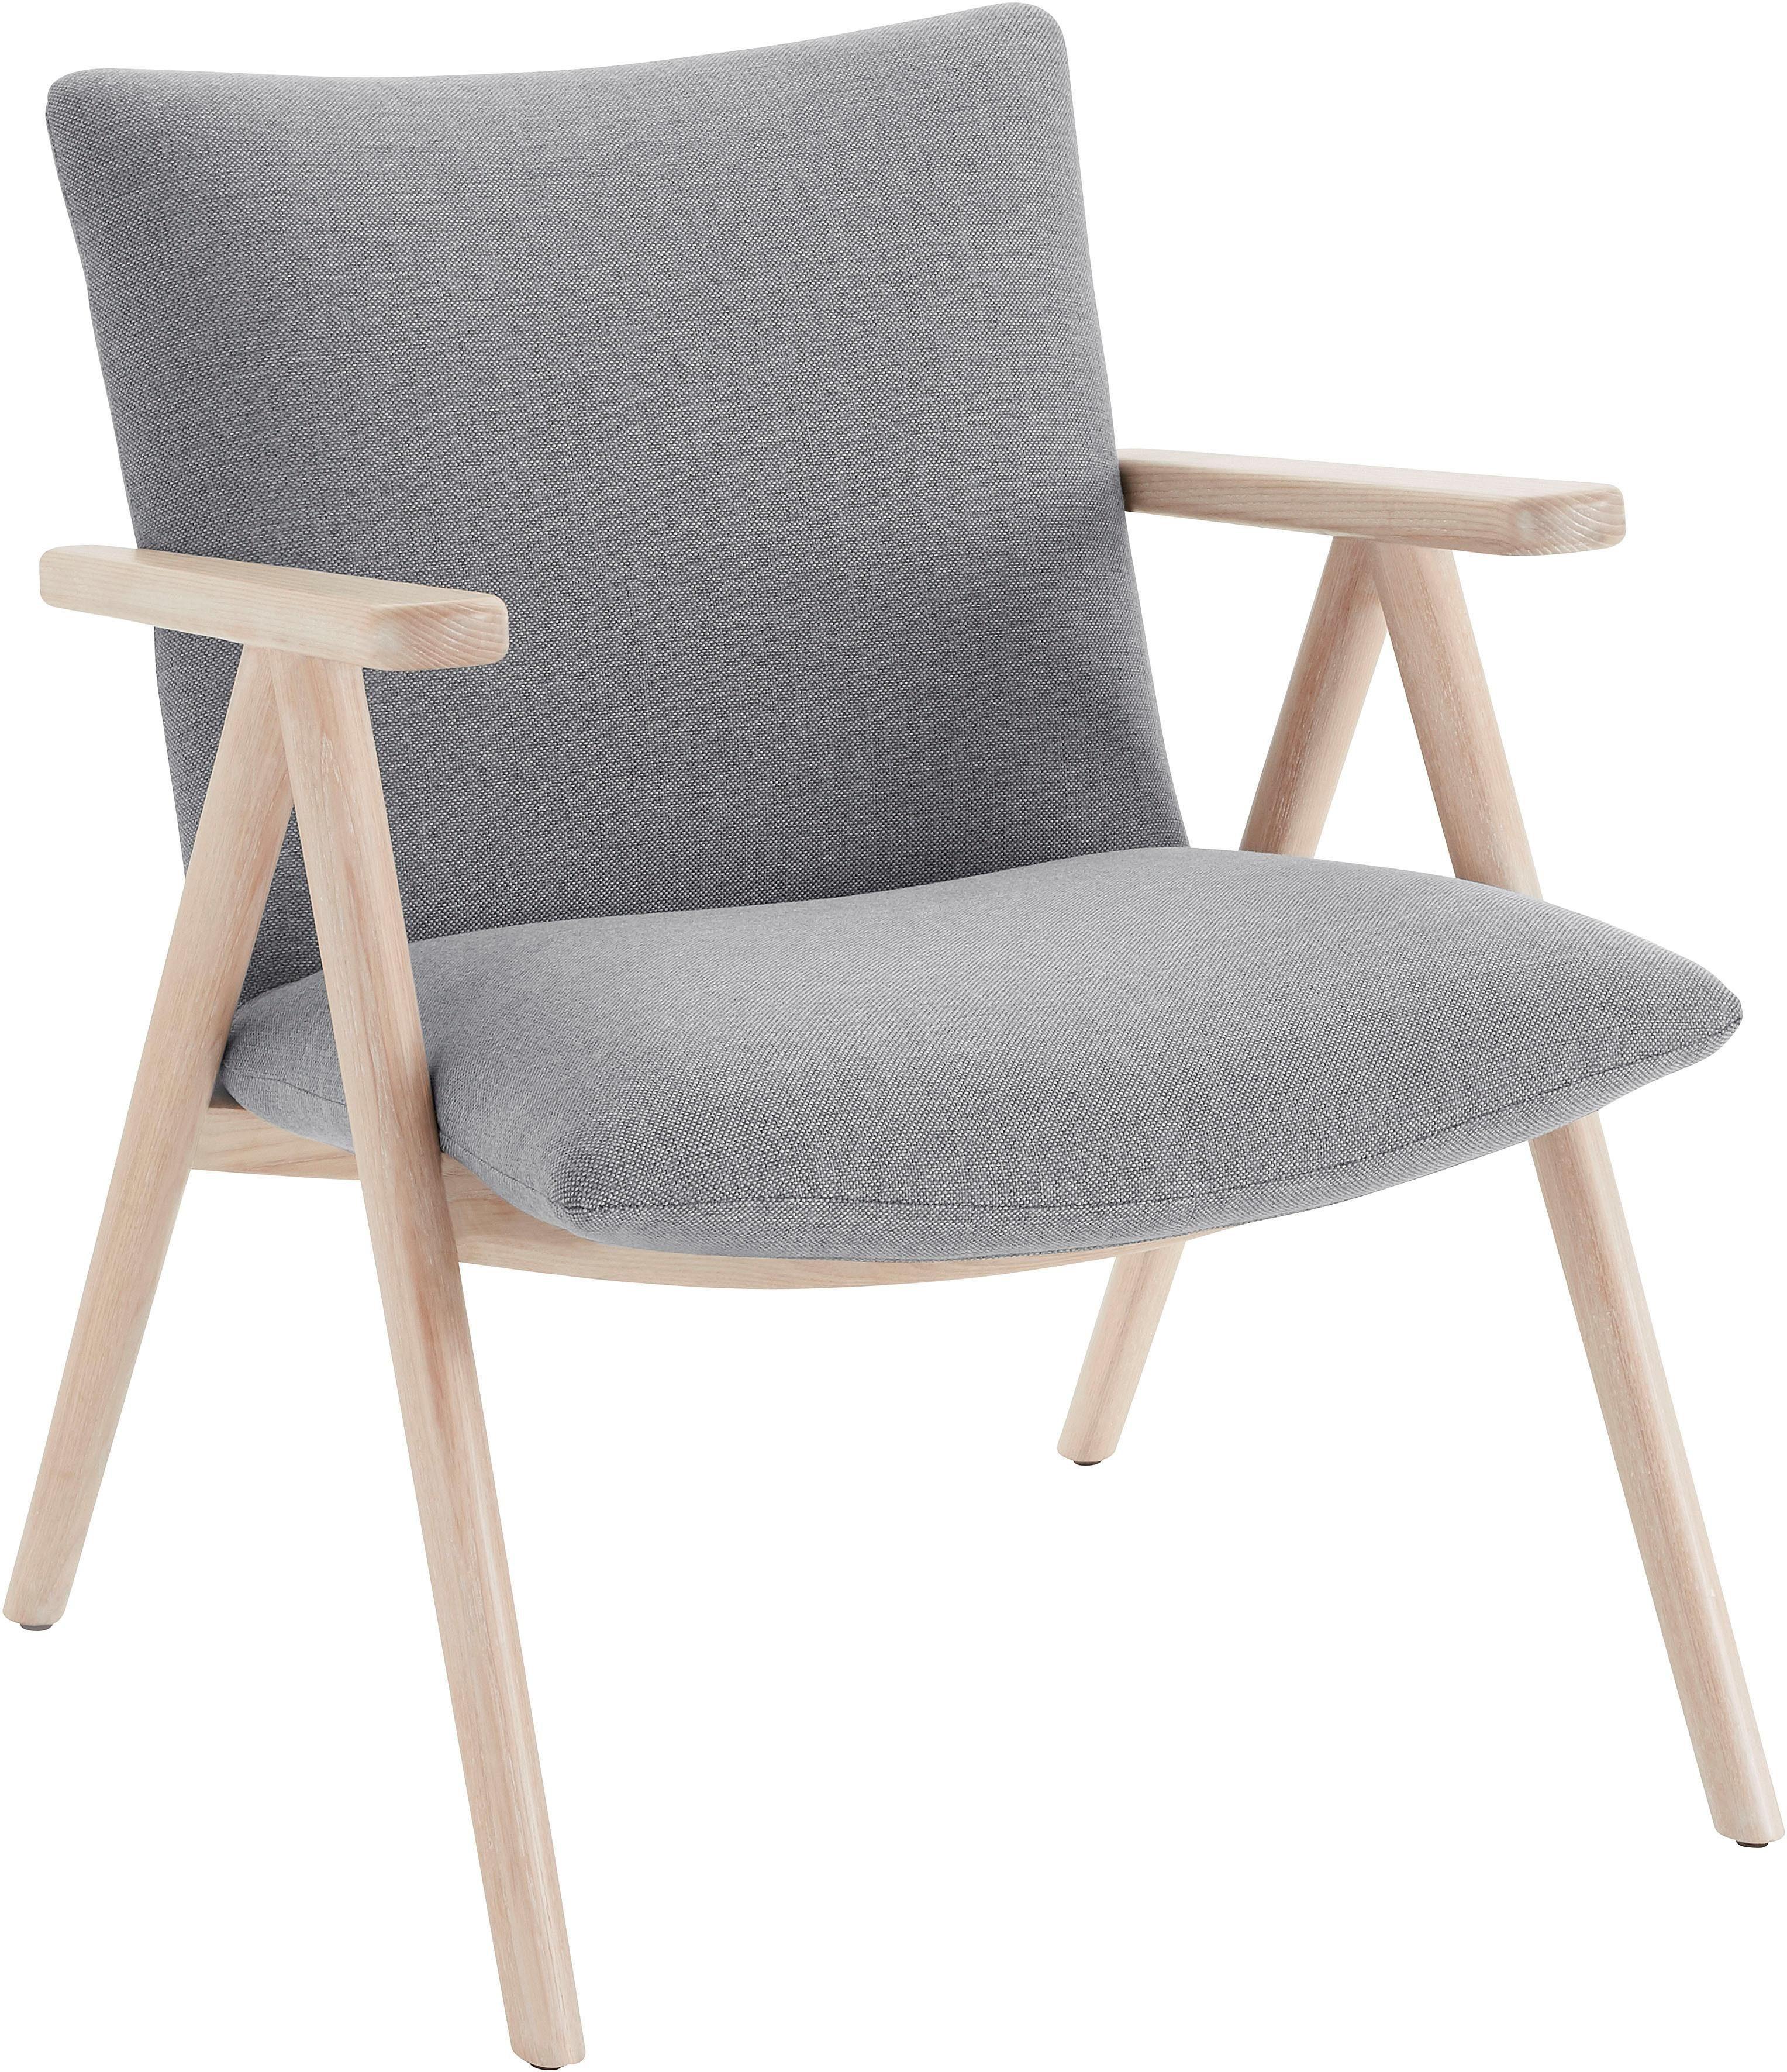 andas Sessel »Dreyer« mit Beingestell aus massivem Eschenholz, Design by Morten Georgsen